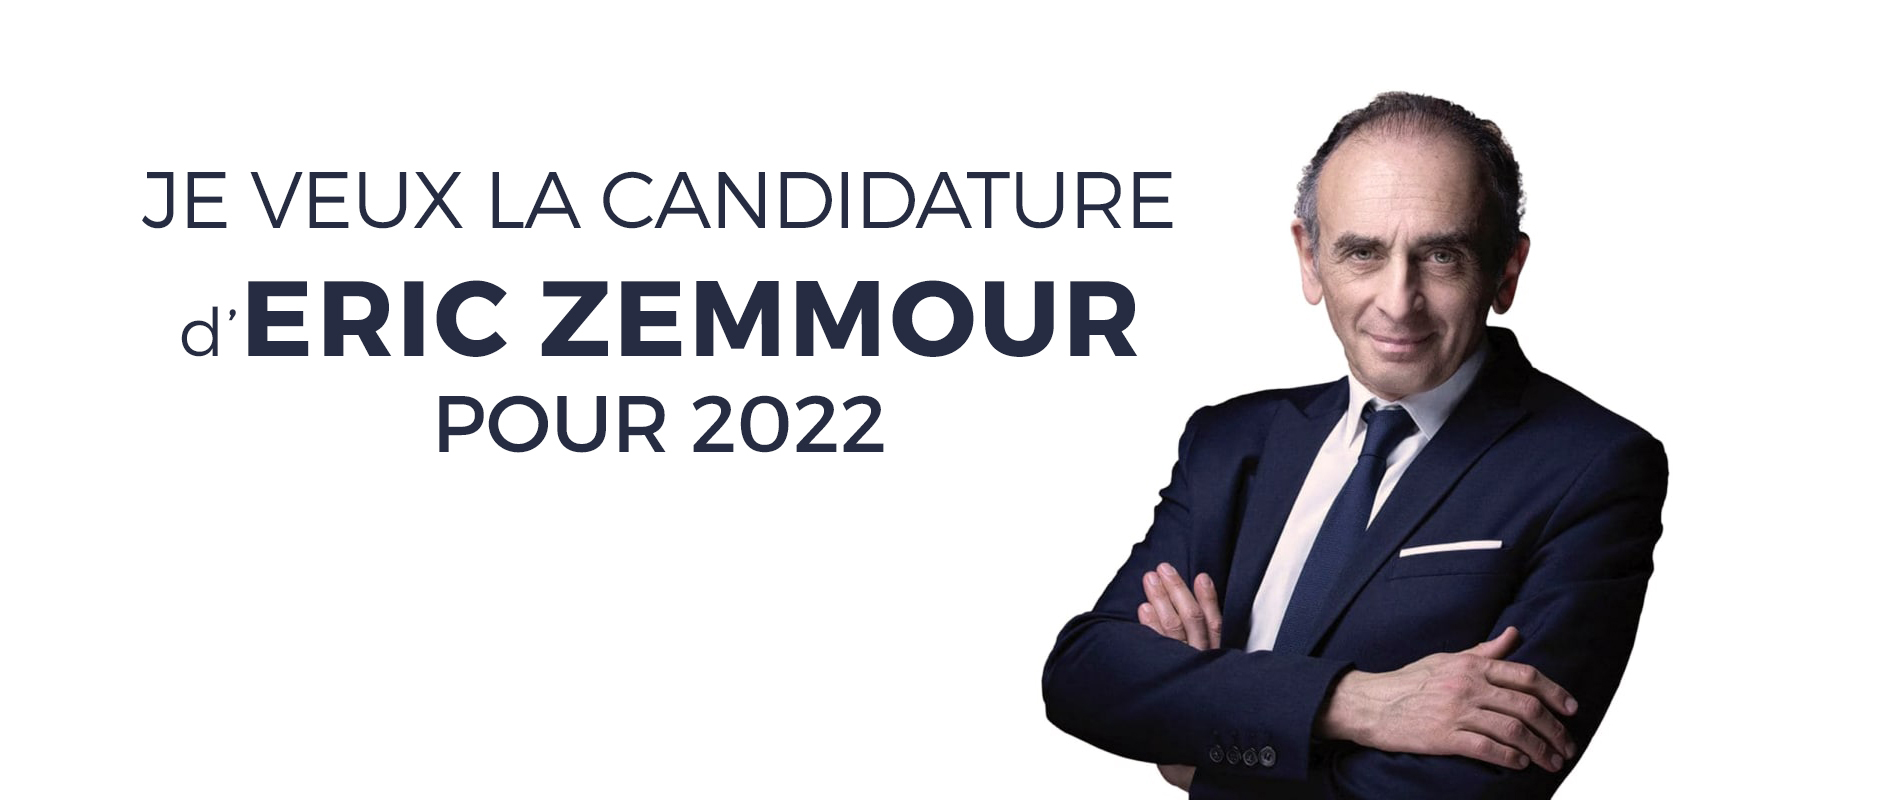 Je veux la candidature d'Eric Zemmour pour 2022